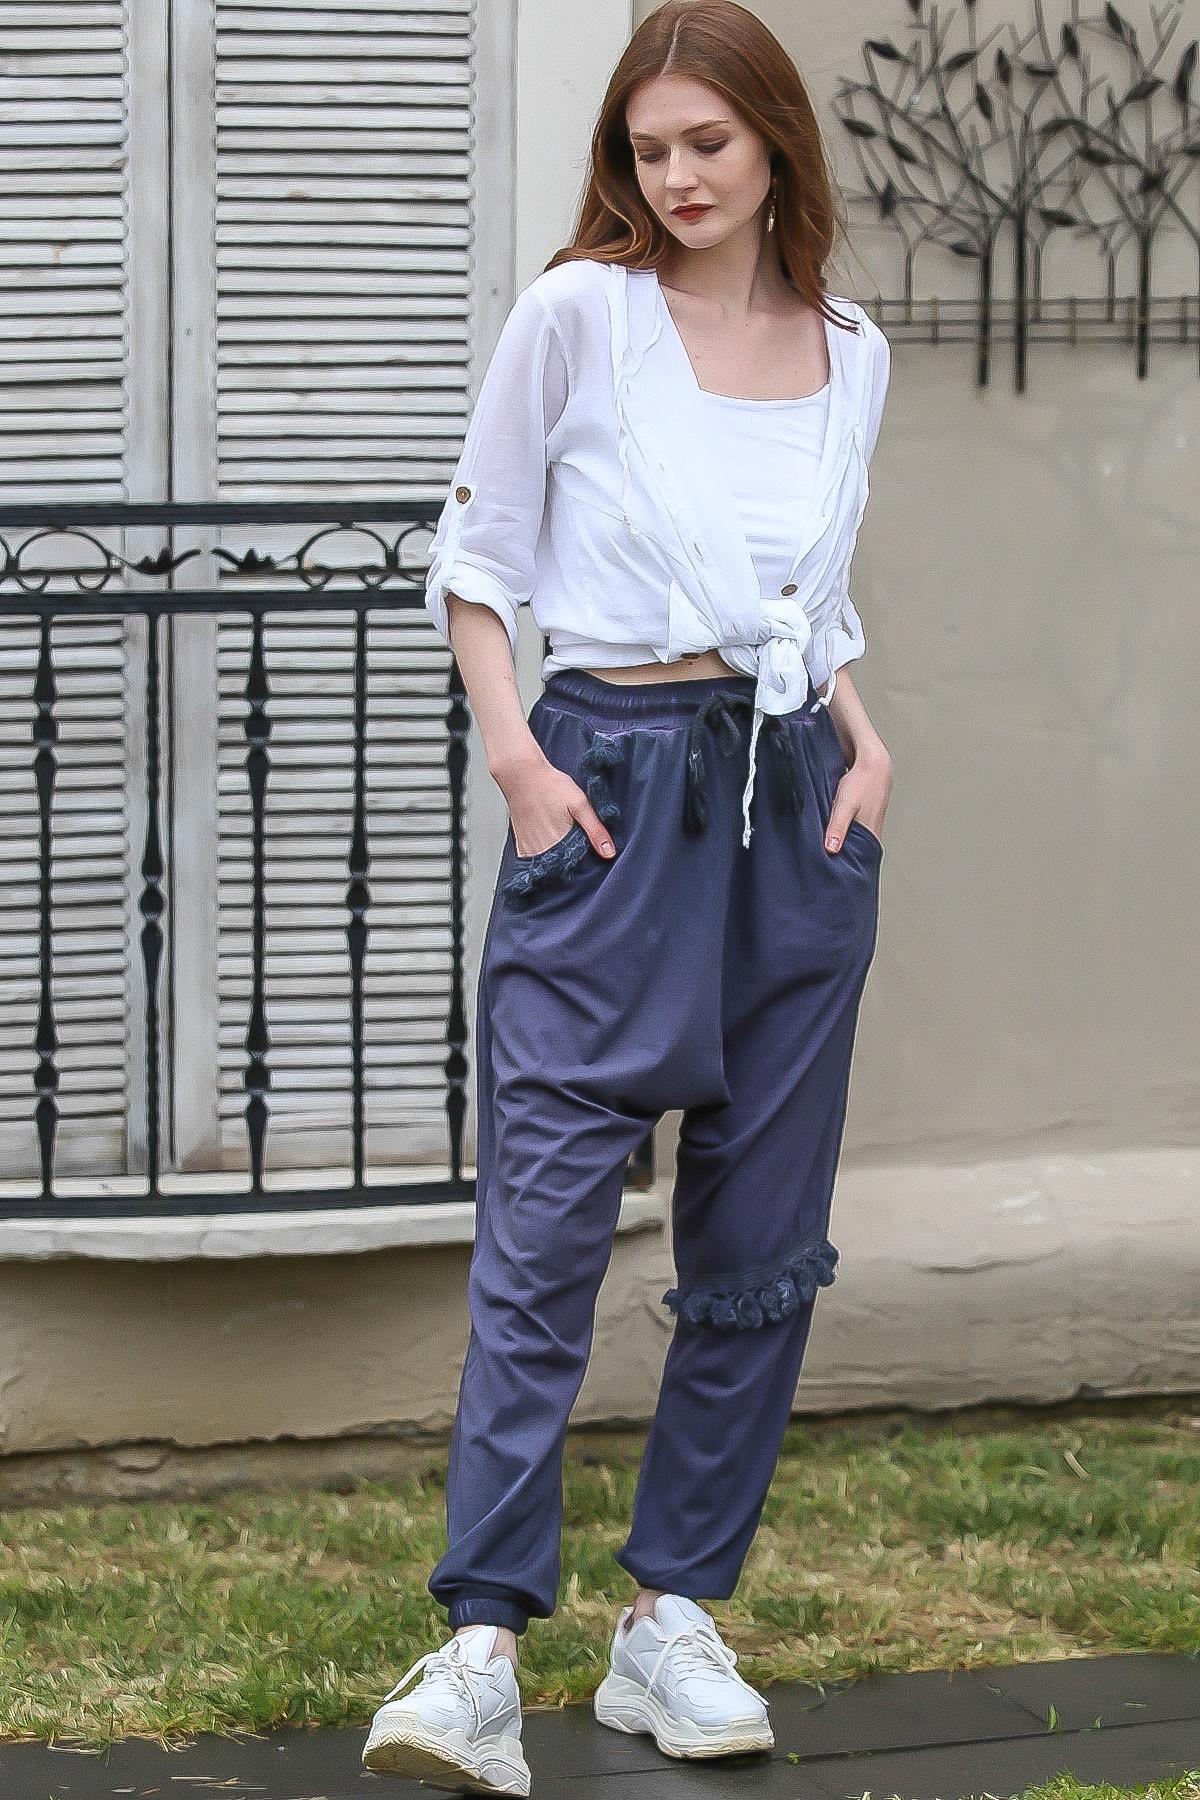 Chiccy Kadın Lacivert Cebi Ve Diz Altı Püskül Detaylı Lastikli Yıkamalı Şalvar Pantolon C10060000PN98801